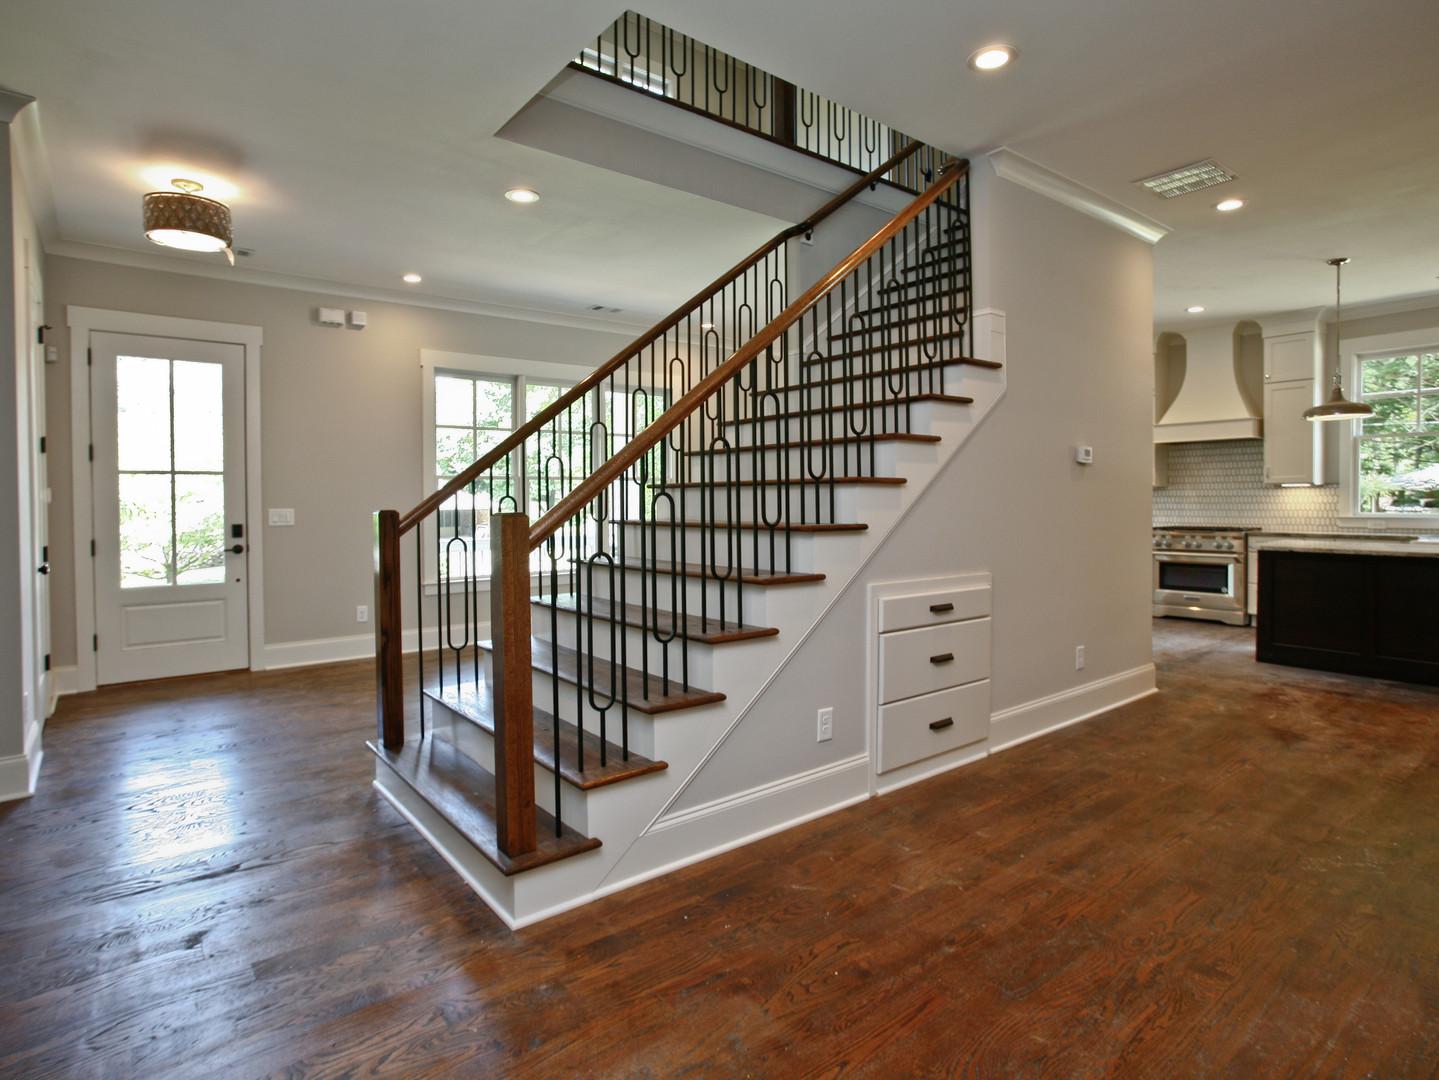 Janellen - Stairwell